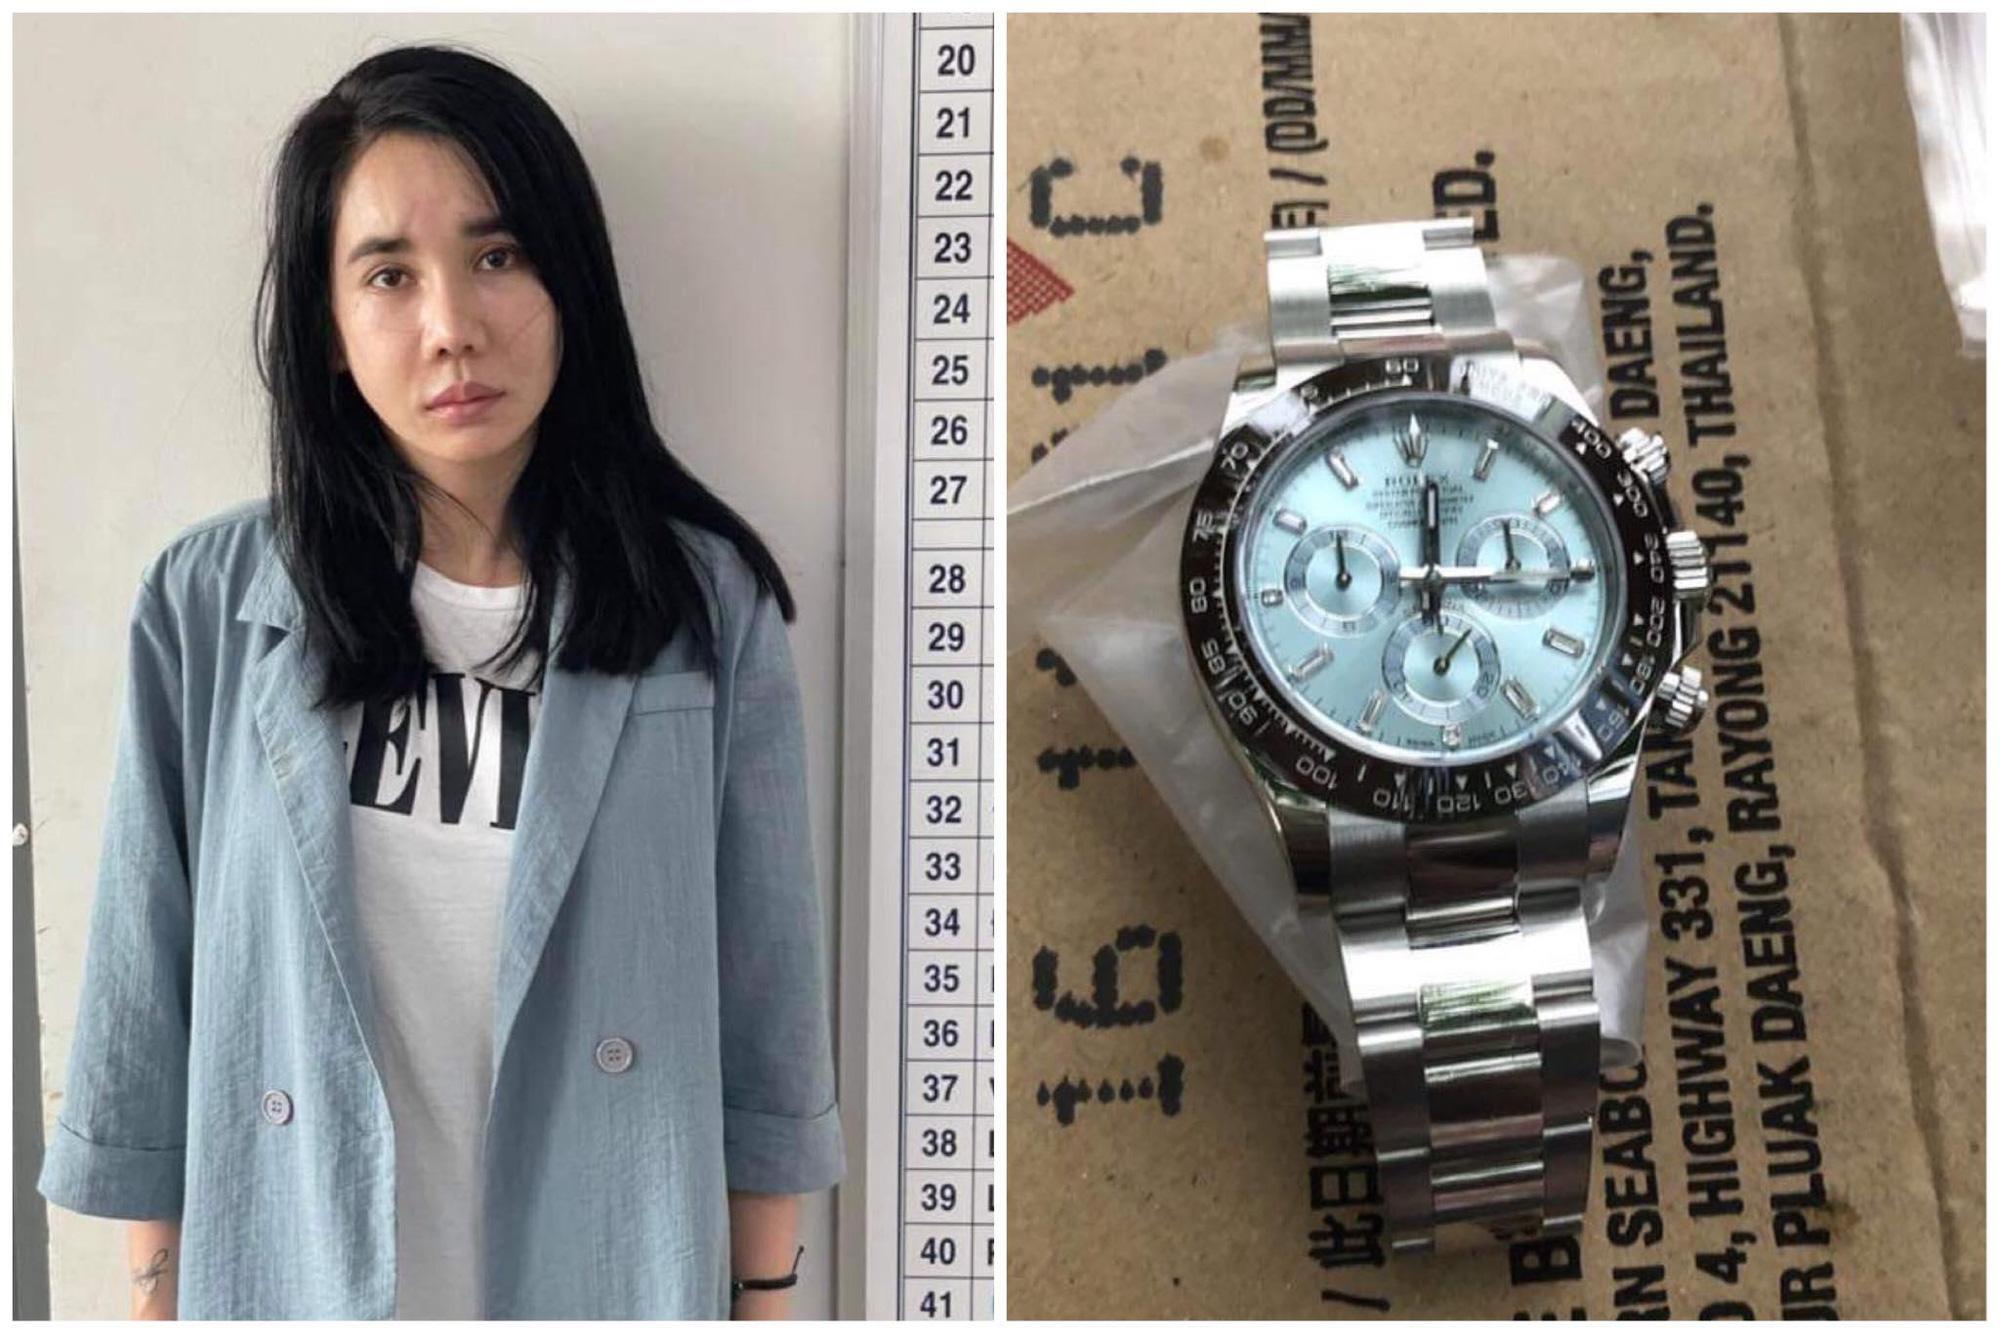 Hoa hậu trộm đồng hồ Rolex 2 tỷ của 'phi công' trẻ bị lộ vì Facebook